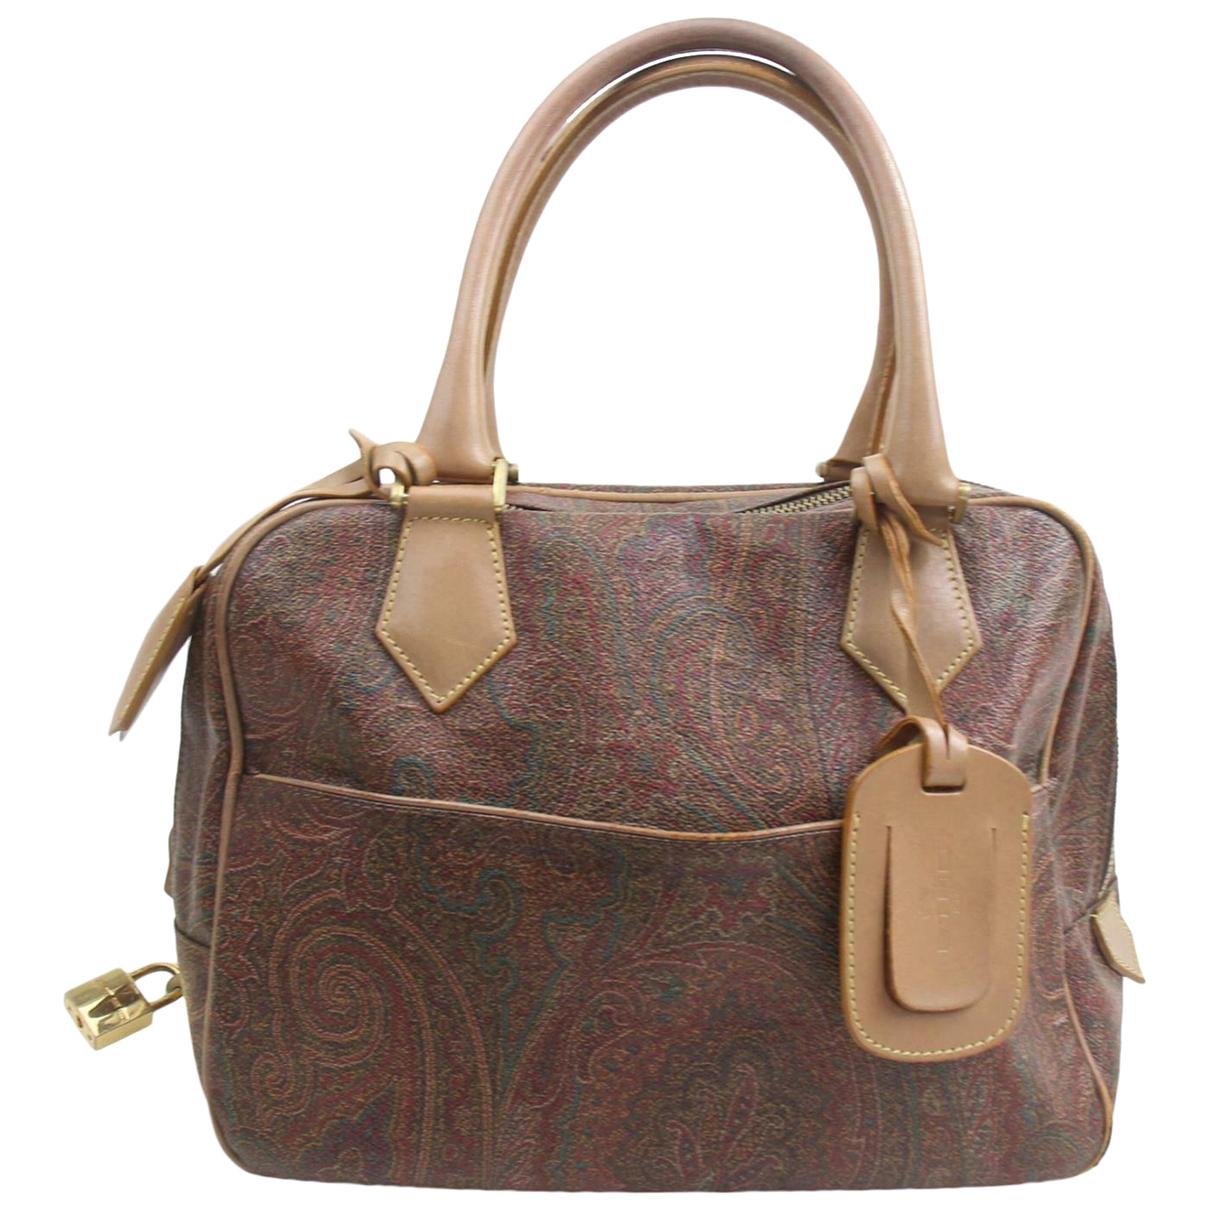 Etro \N Handtasche in  Braun Synthetik